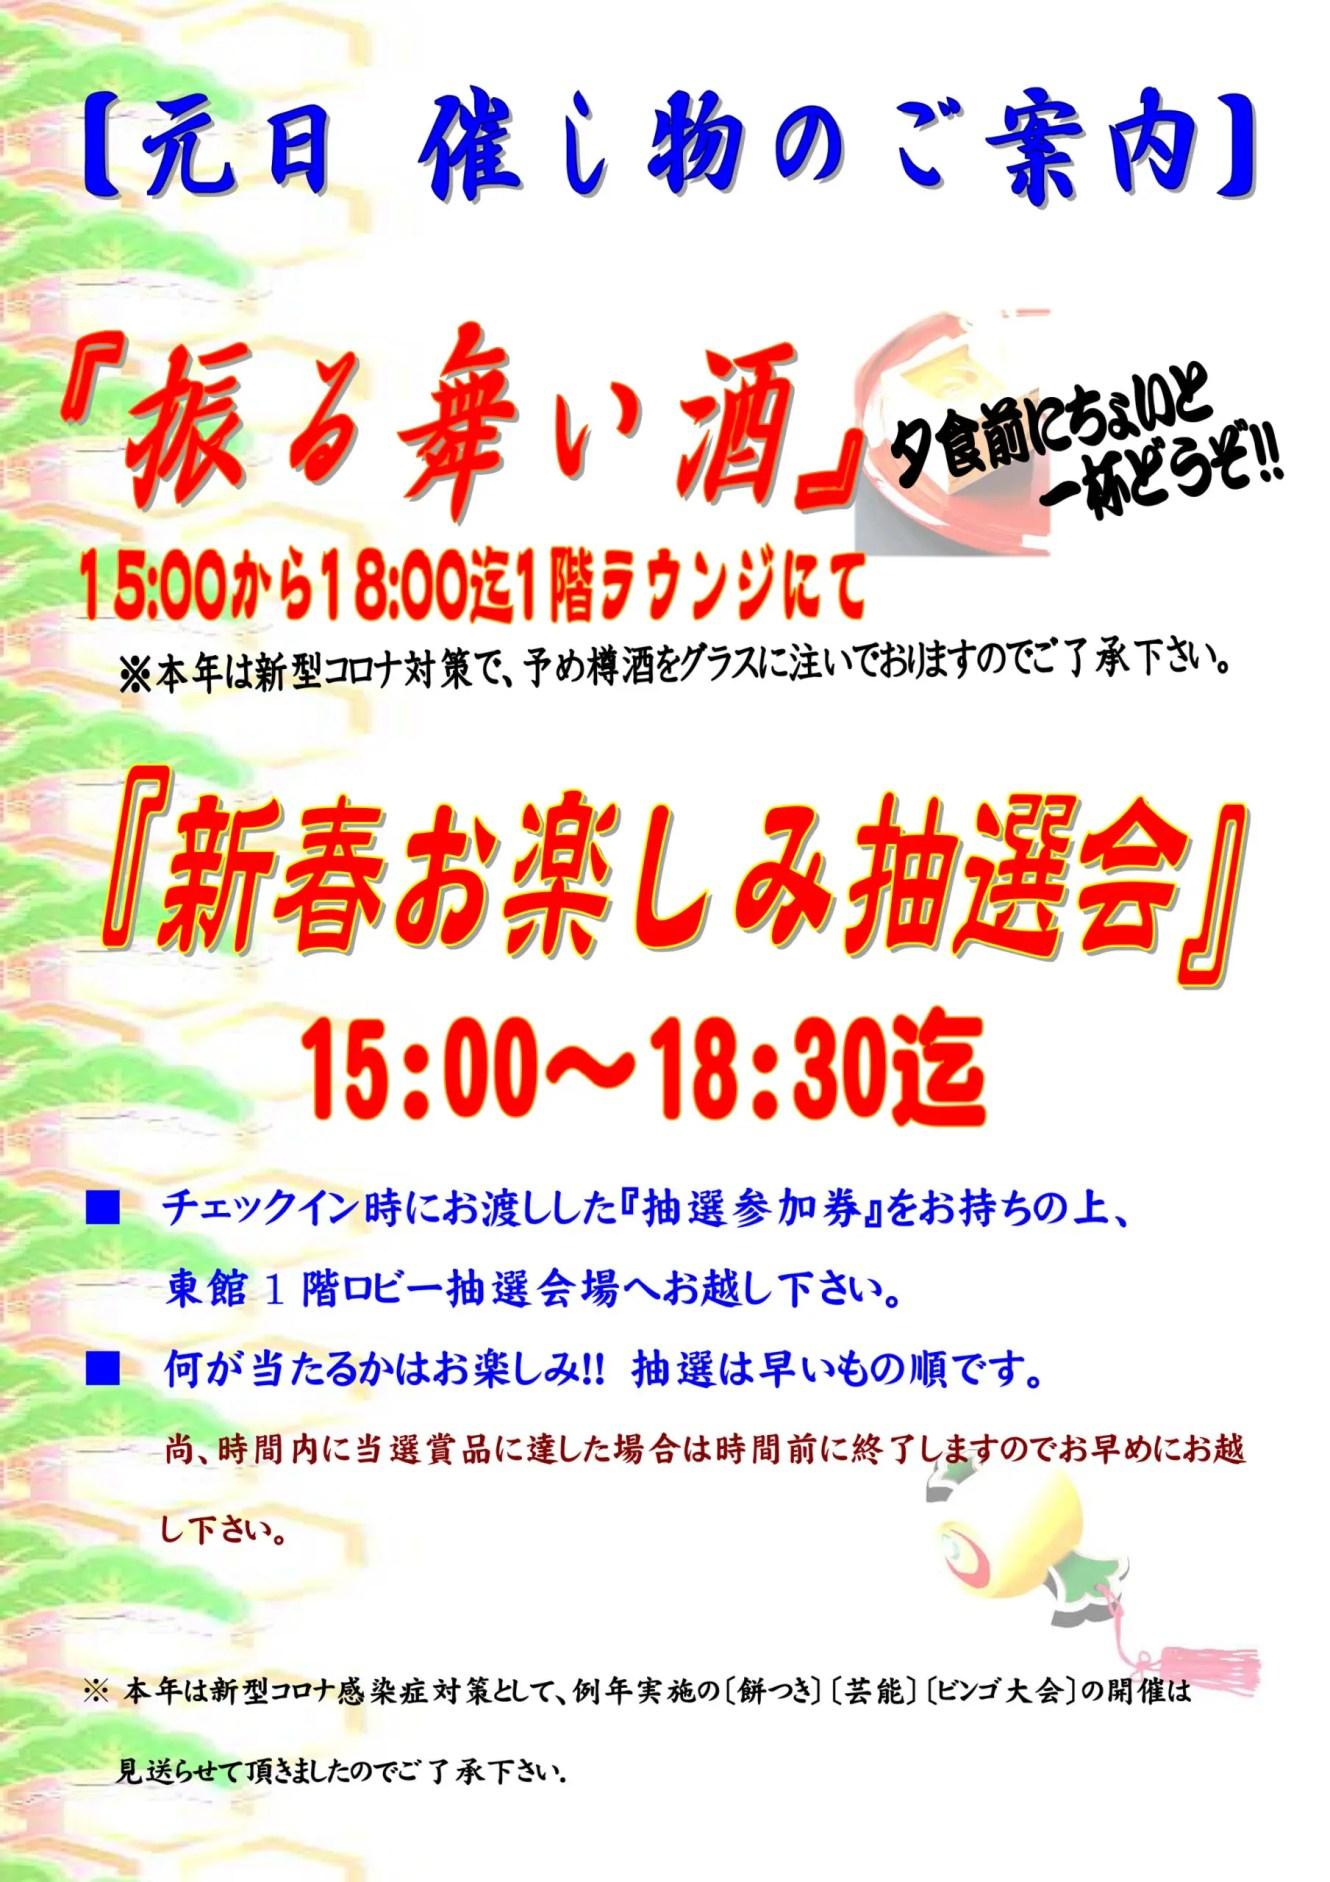 秋田温泉さとみお正月イベントのご紹介